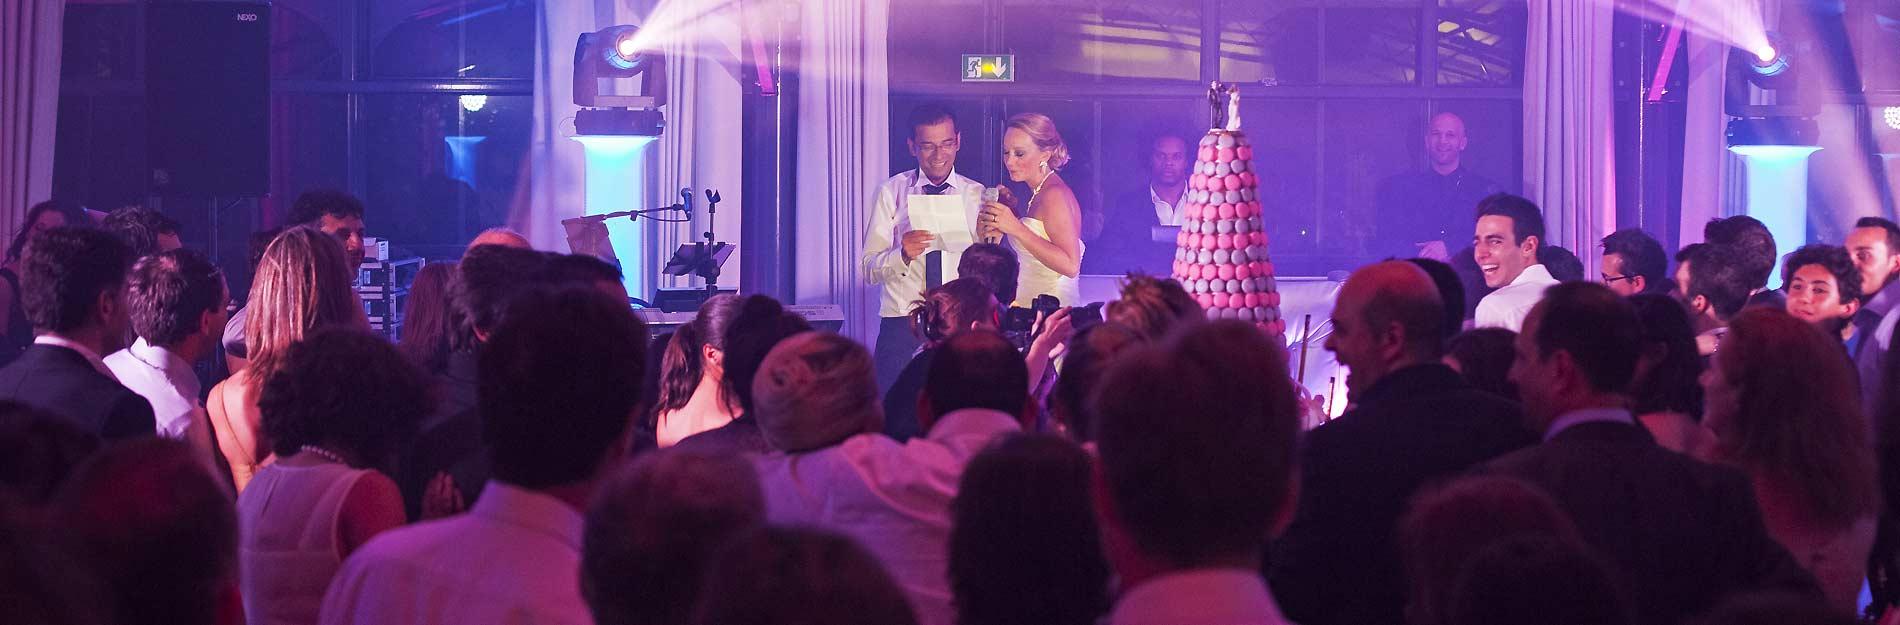 reportage photos mariage juif à Rueil Malmaison